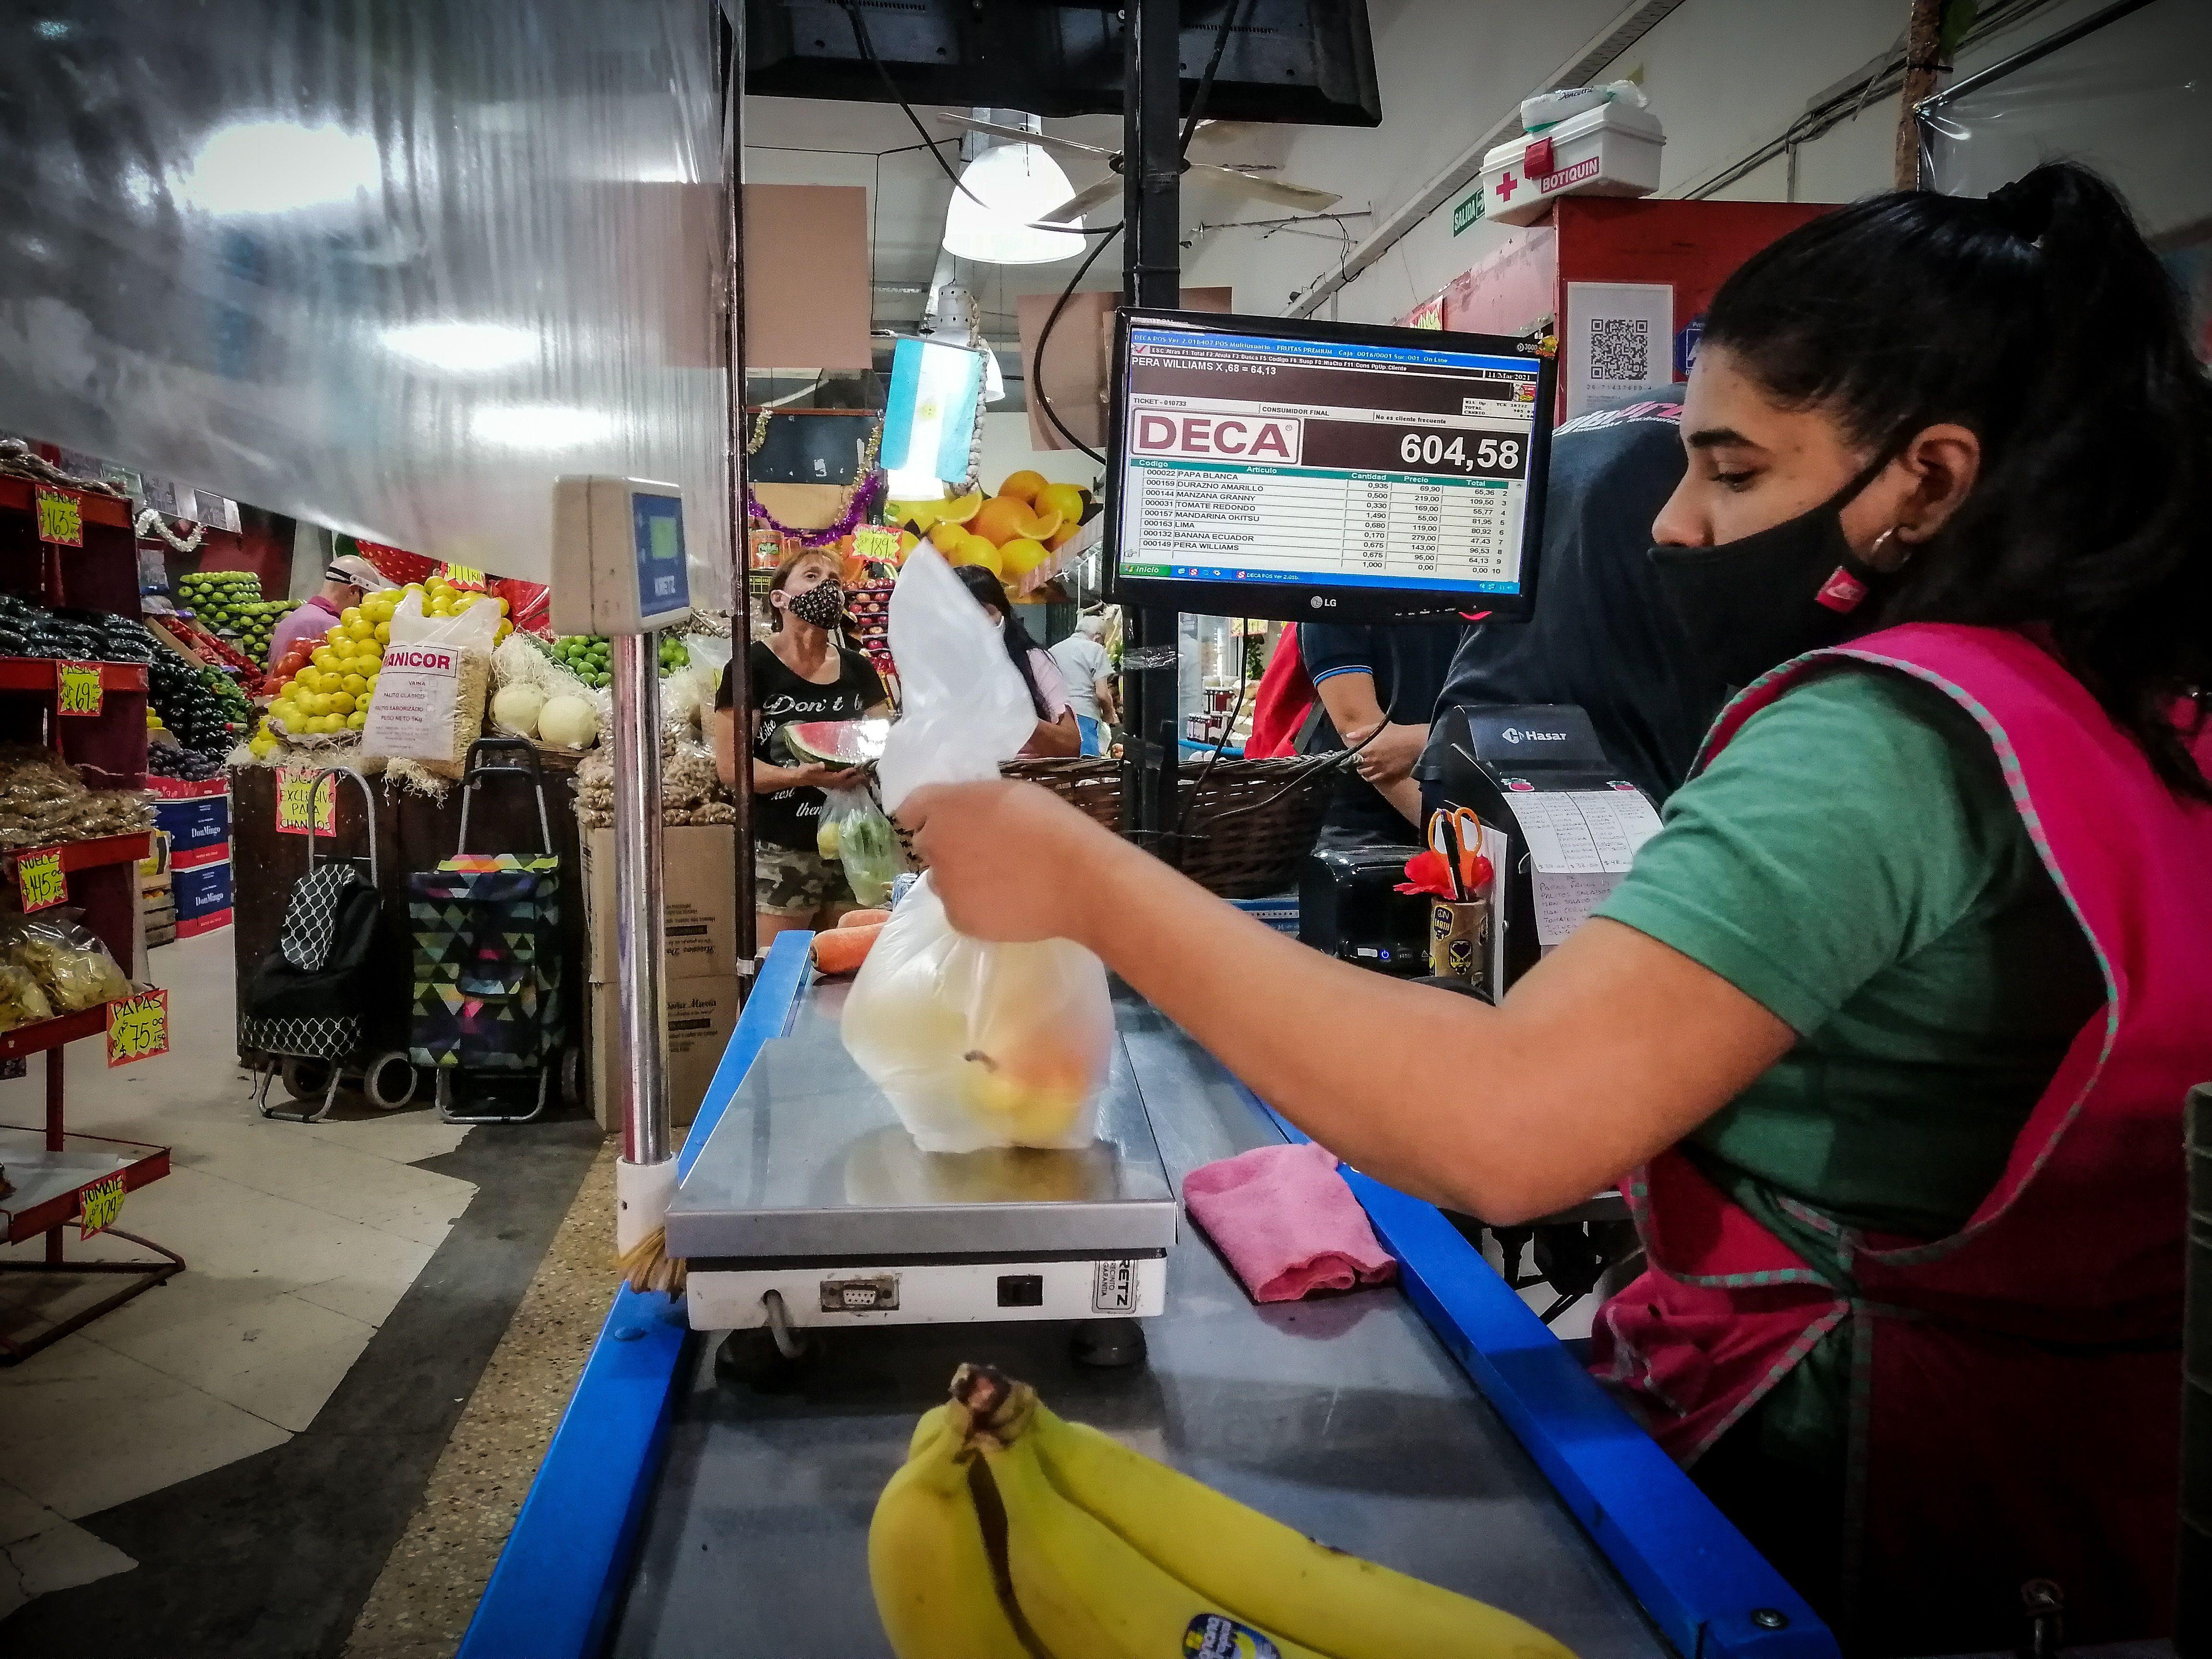 La cajera de un supermercado registra la compra de un cliente hoy, en Buenos Aires (Argentina). EFE/ Juan Ignacio Roncoroni